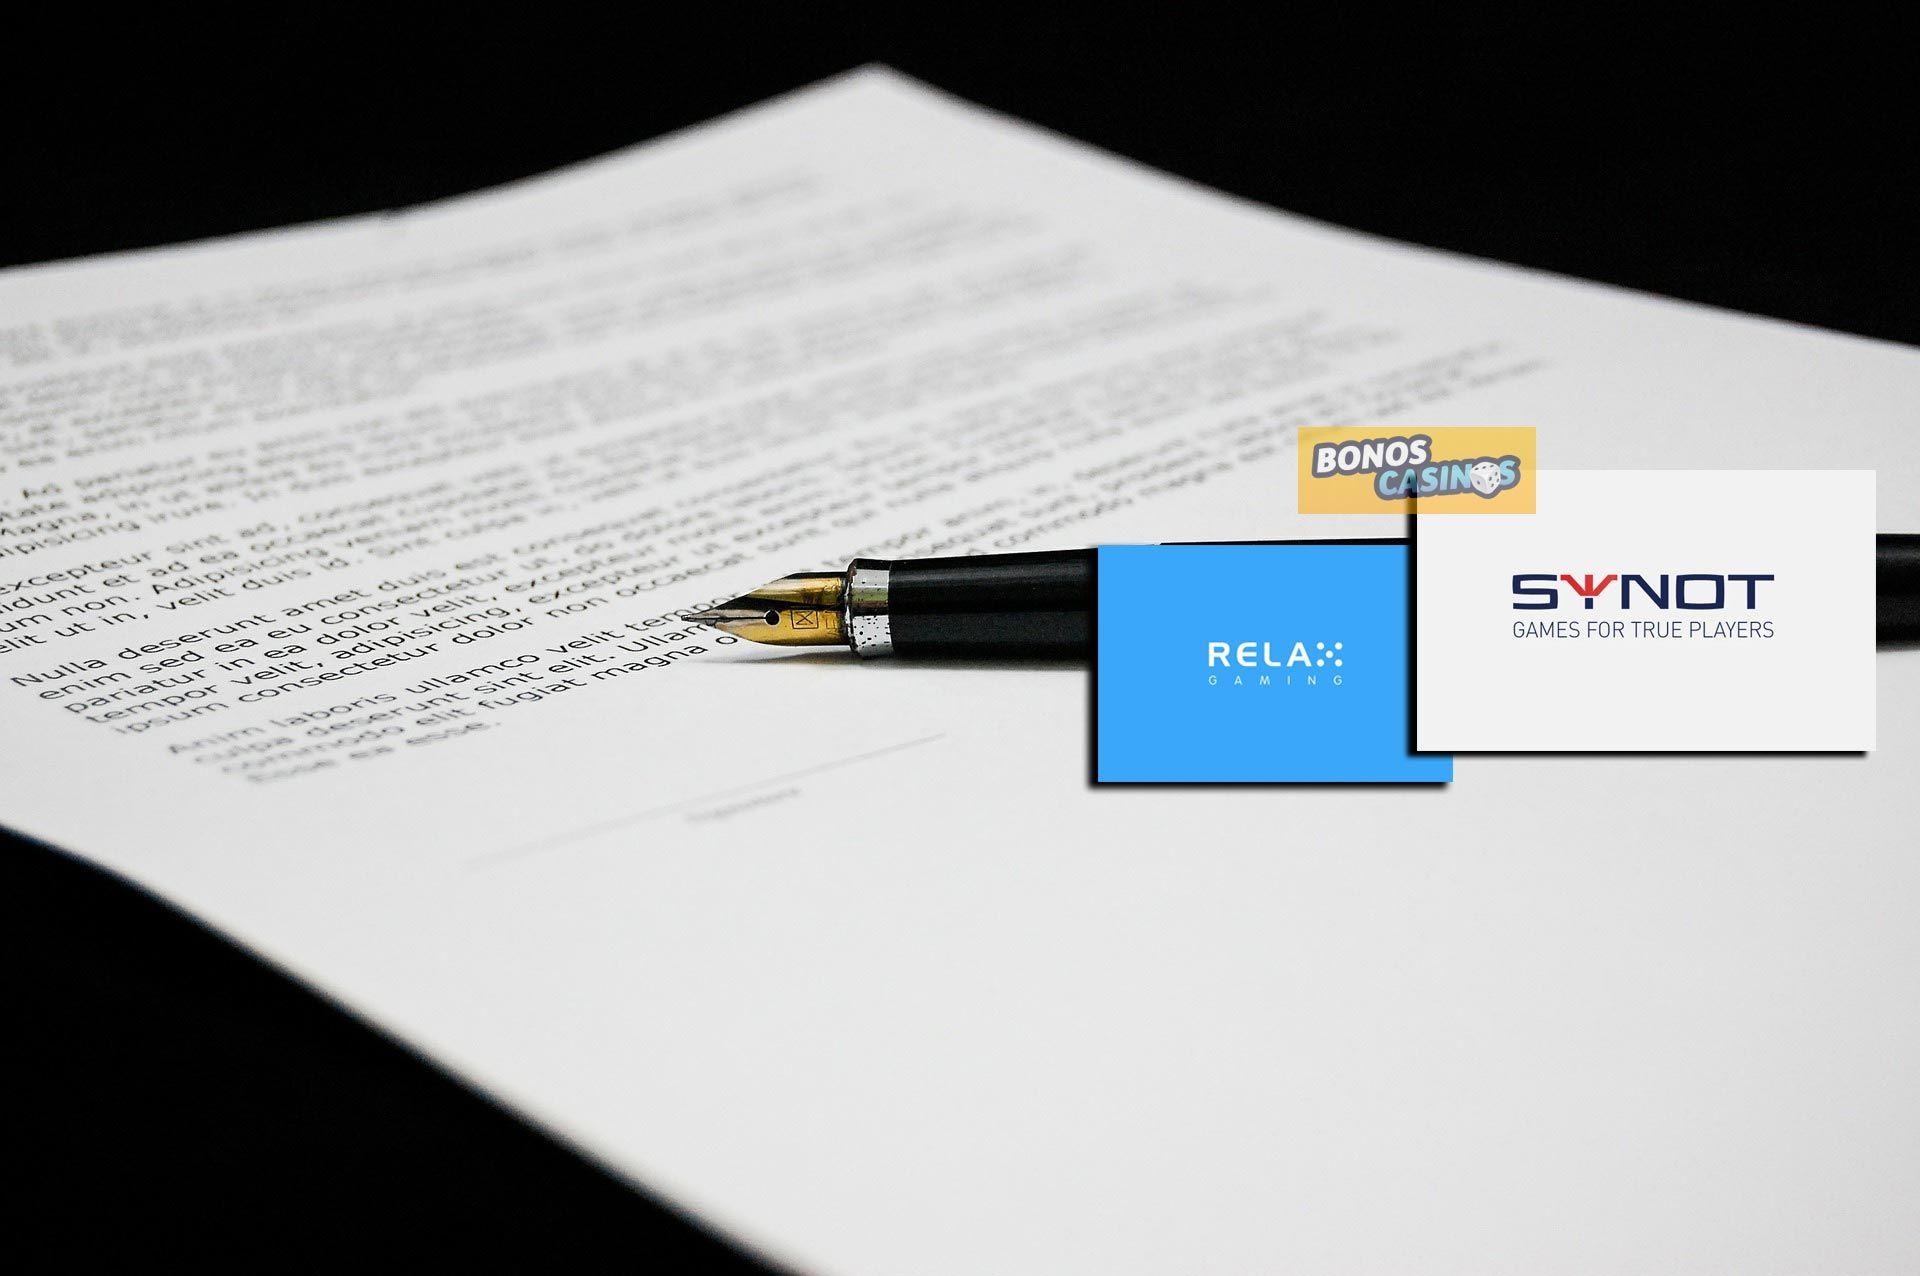 logo de La plataforma en línea de Relax Gaming innova su contenido con SYNOT Games